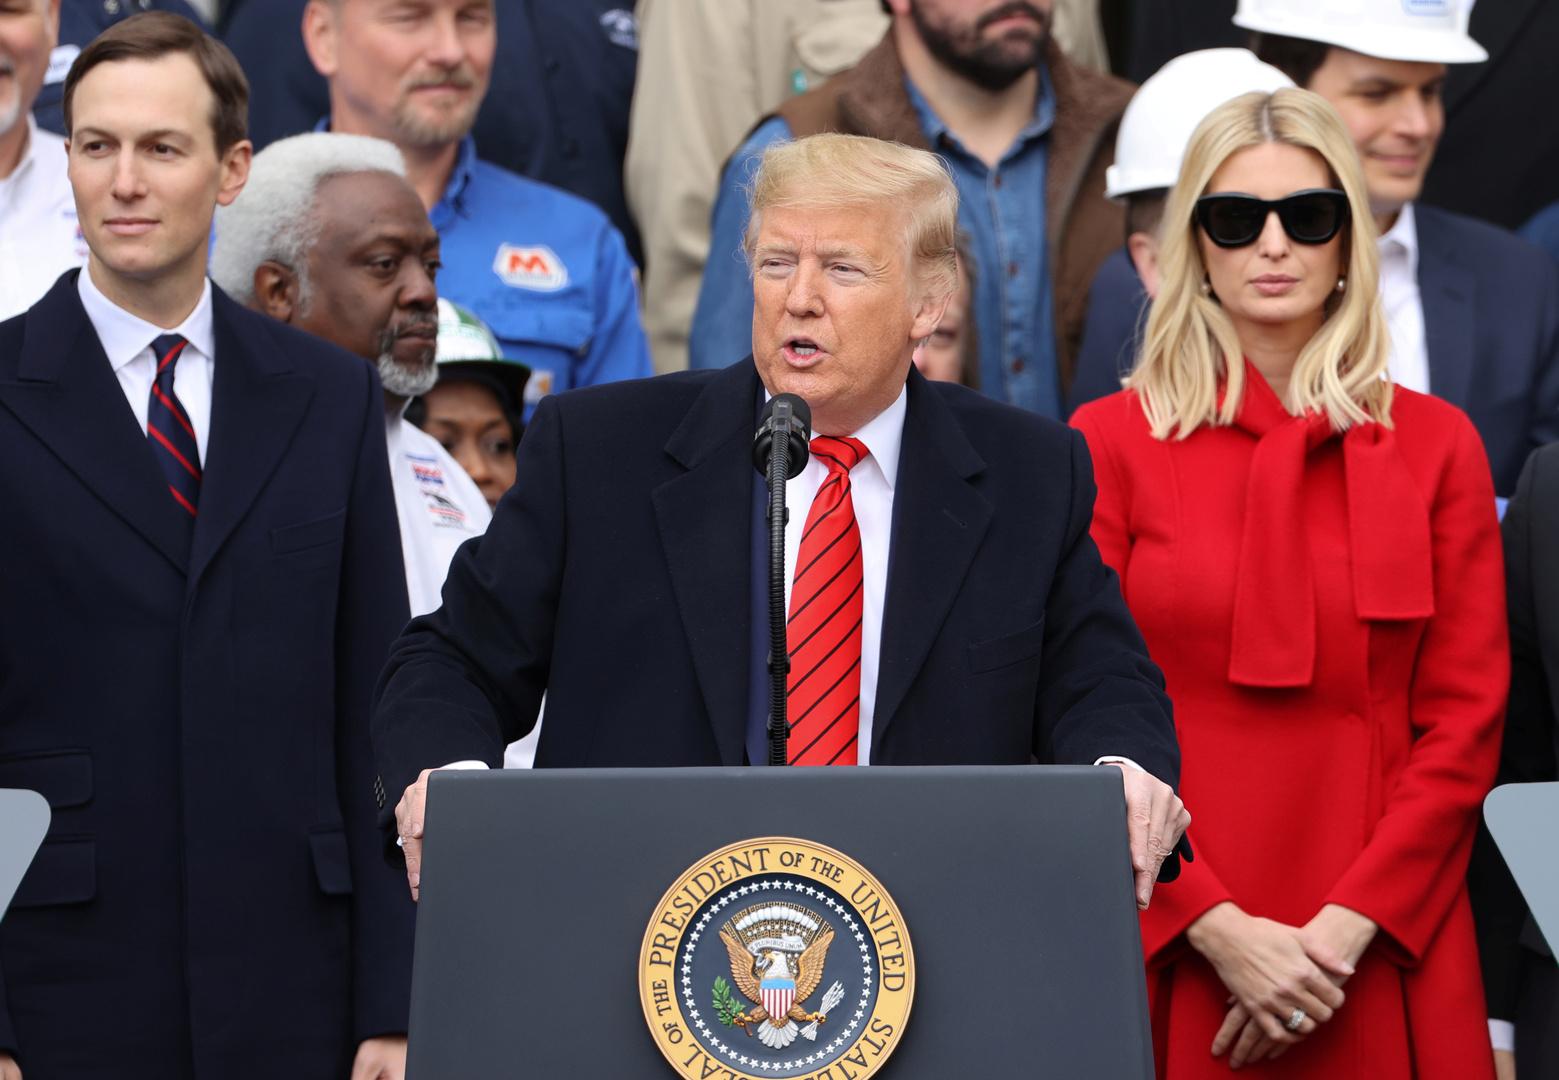 تقرير: إيفانكا ترامب وجاريد كوشنر يحاولان النأي بنفسيهما عن ترامب